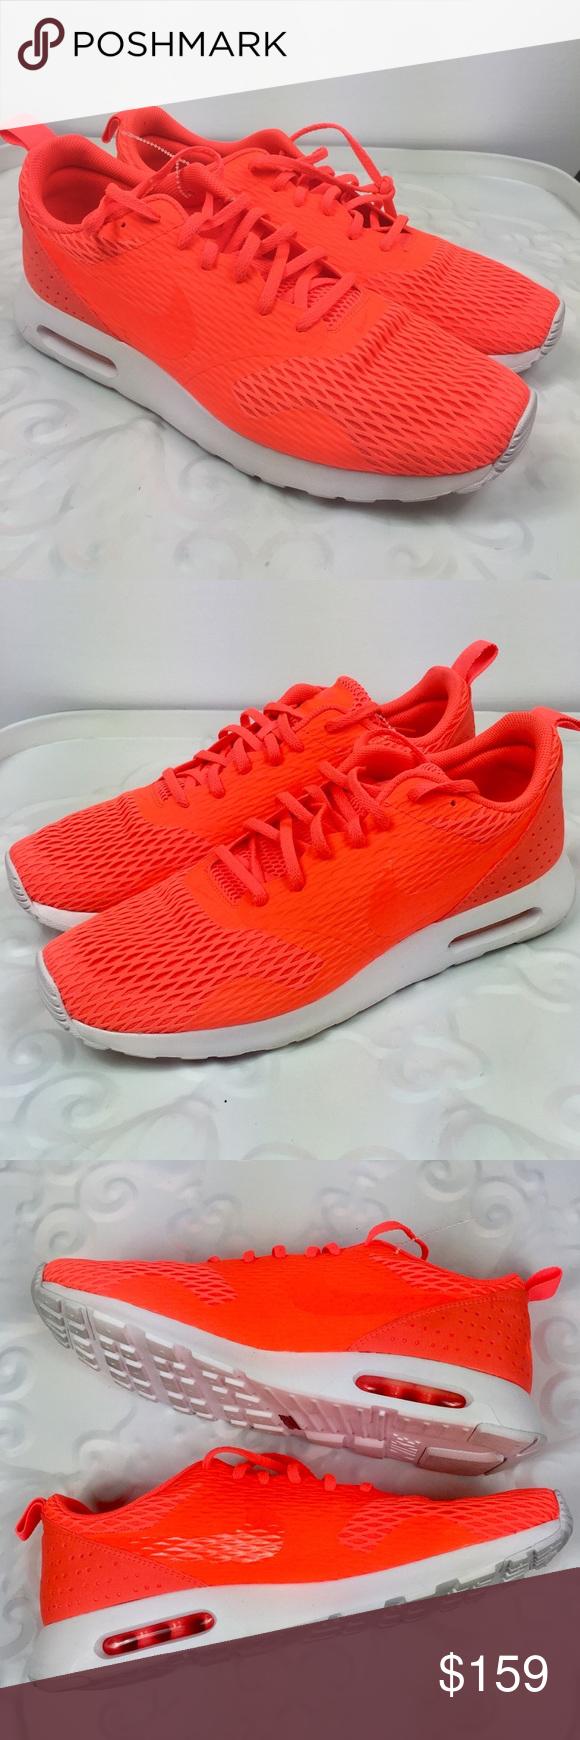 New NIKE Men Neon Orange Lace Sport